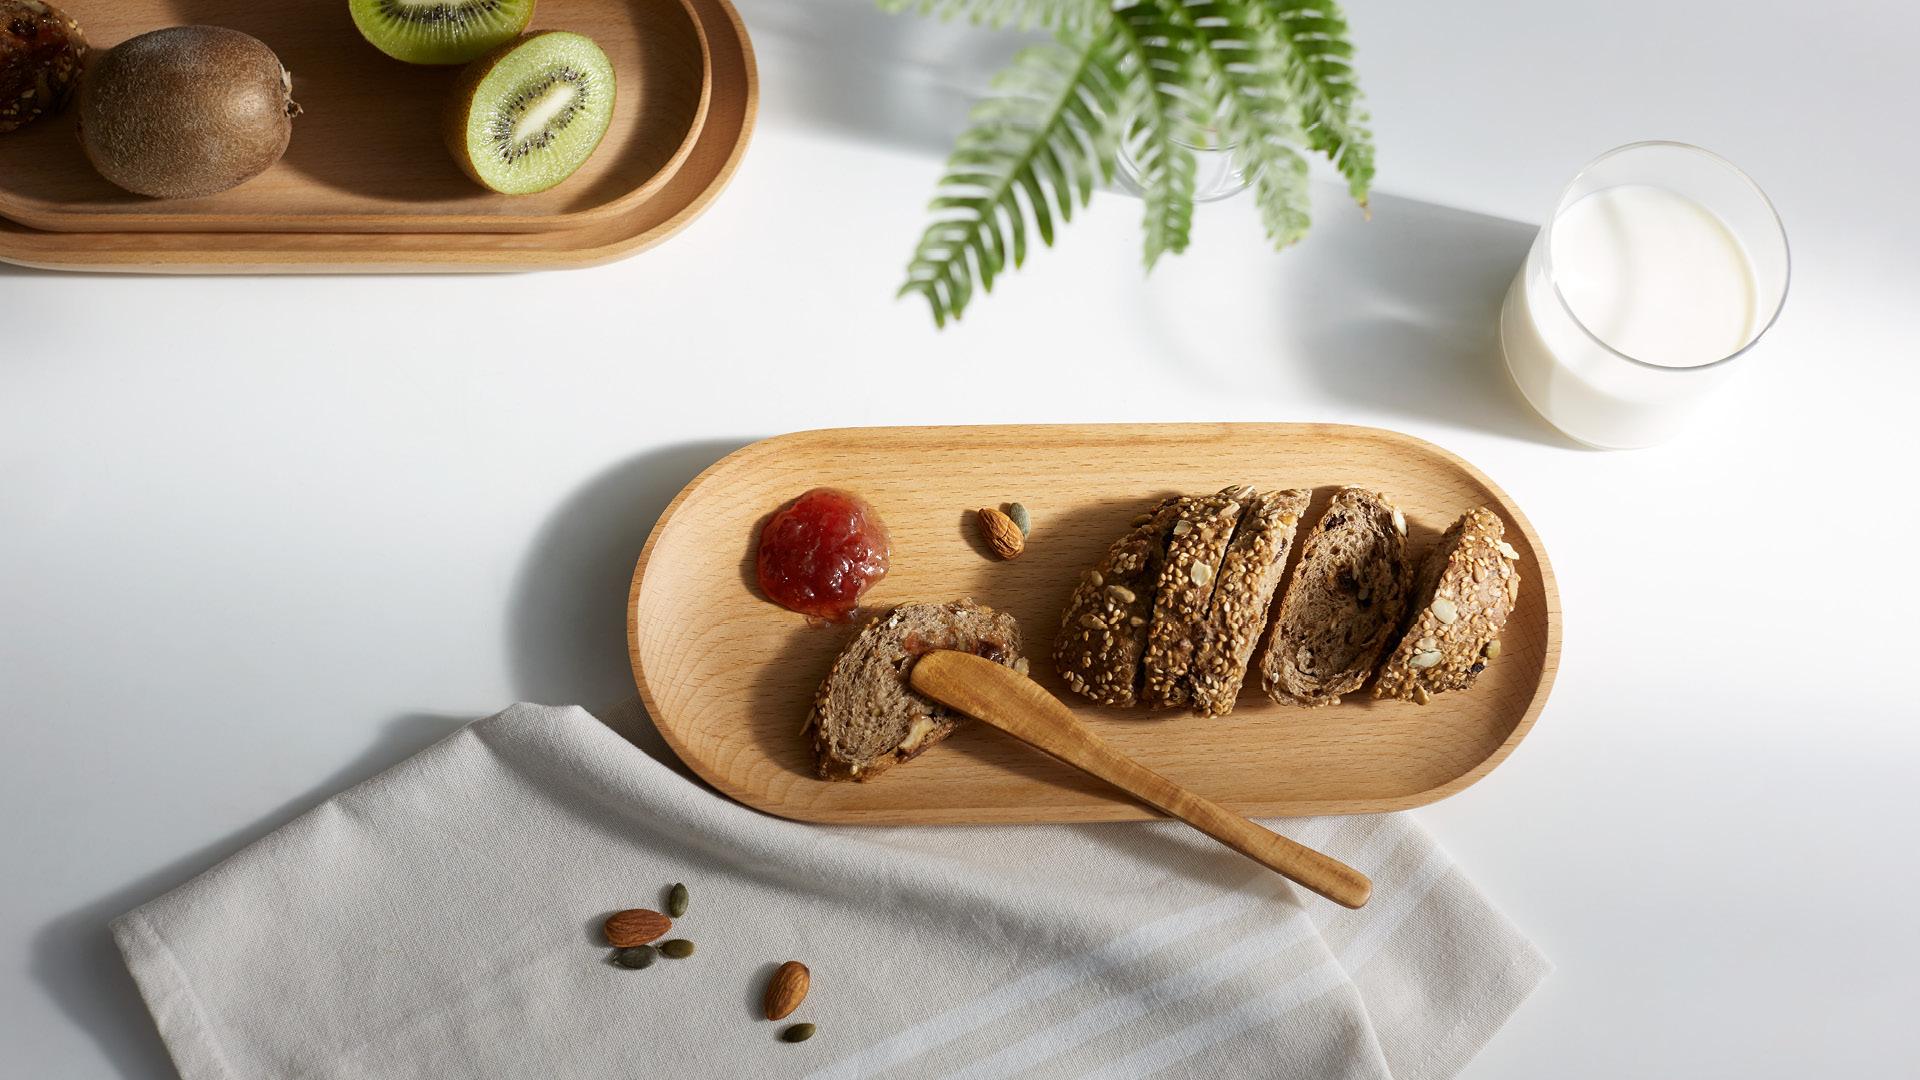 盛放全麦主食,健康减负饮食